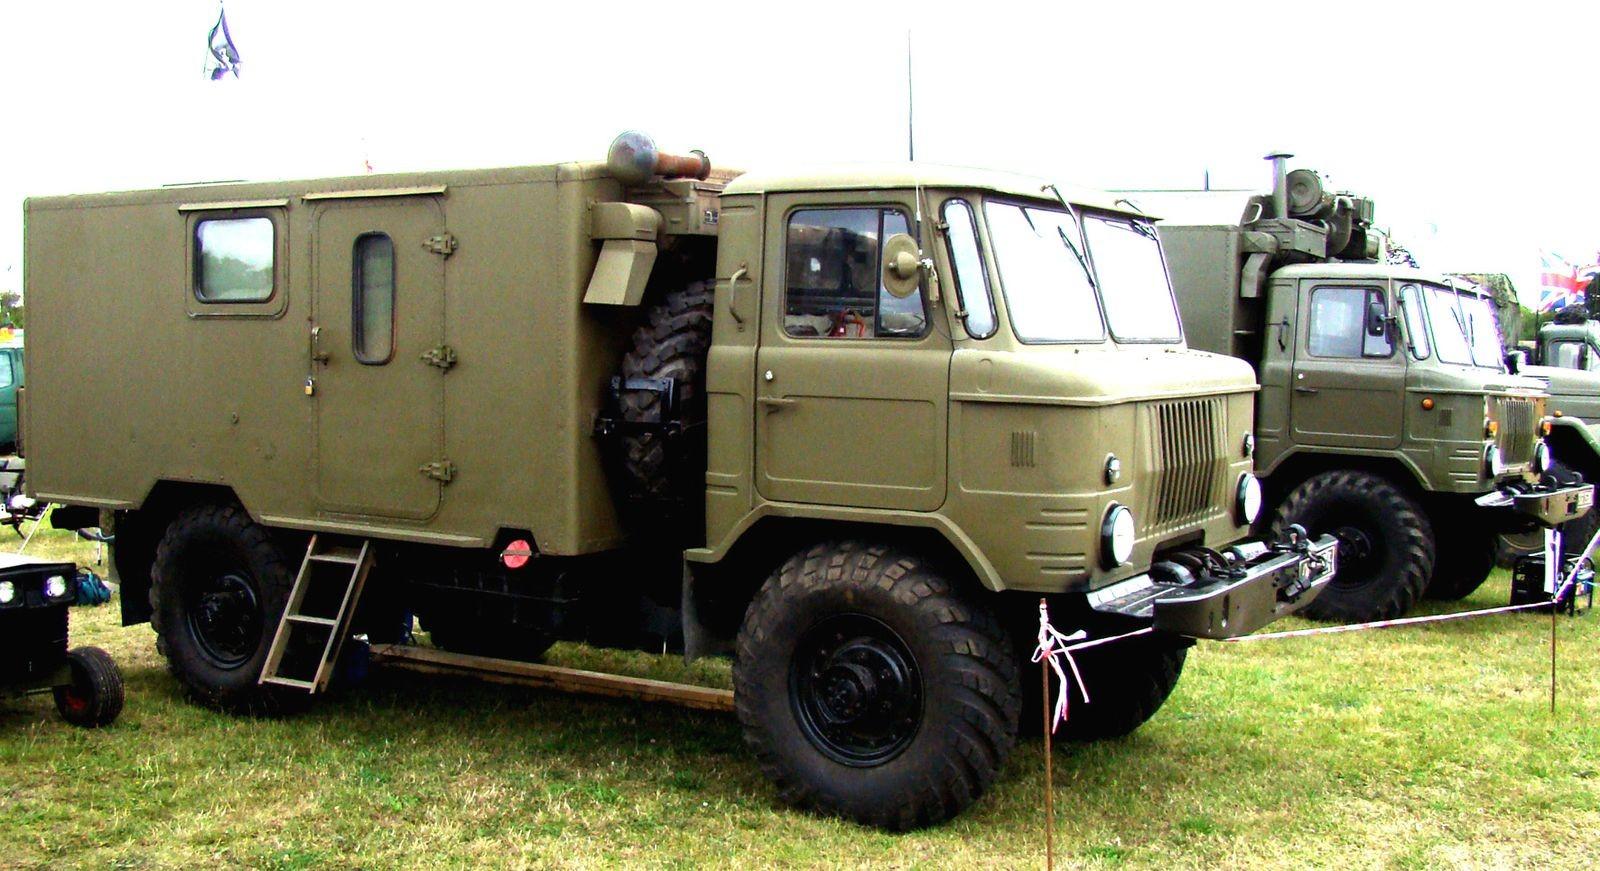 Родословная «Шишиги»: 40 лет разработки и развития армейского грузовика ГАЗ-66